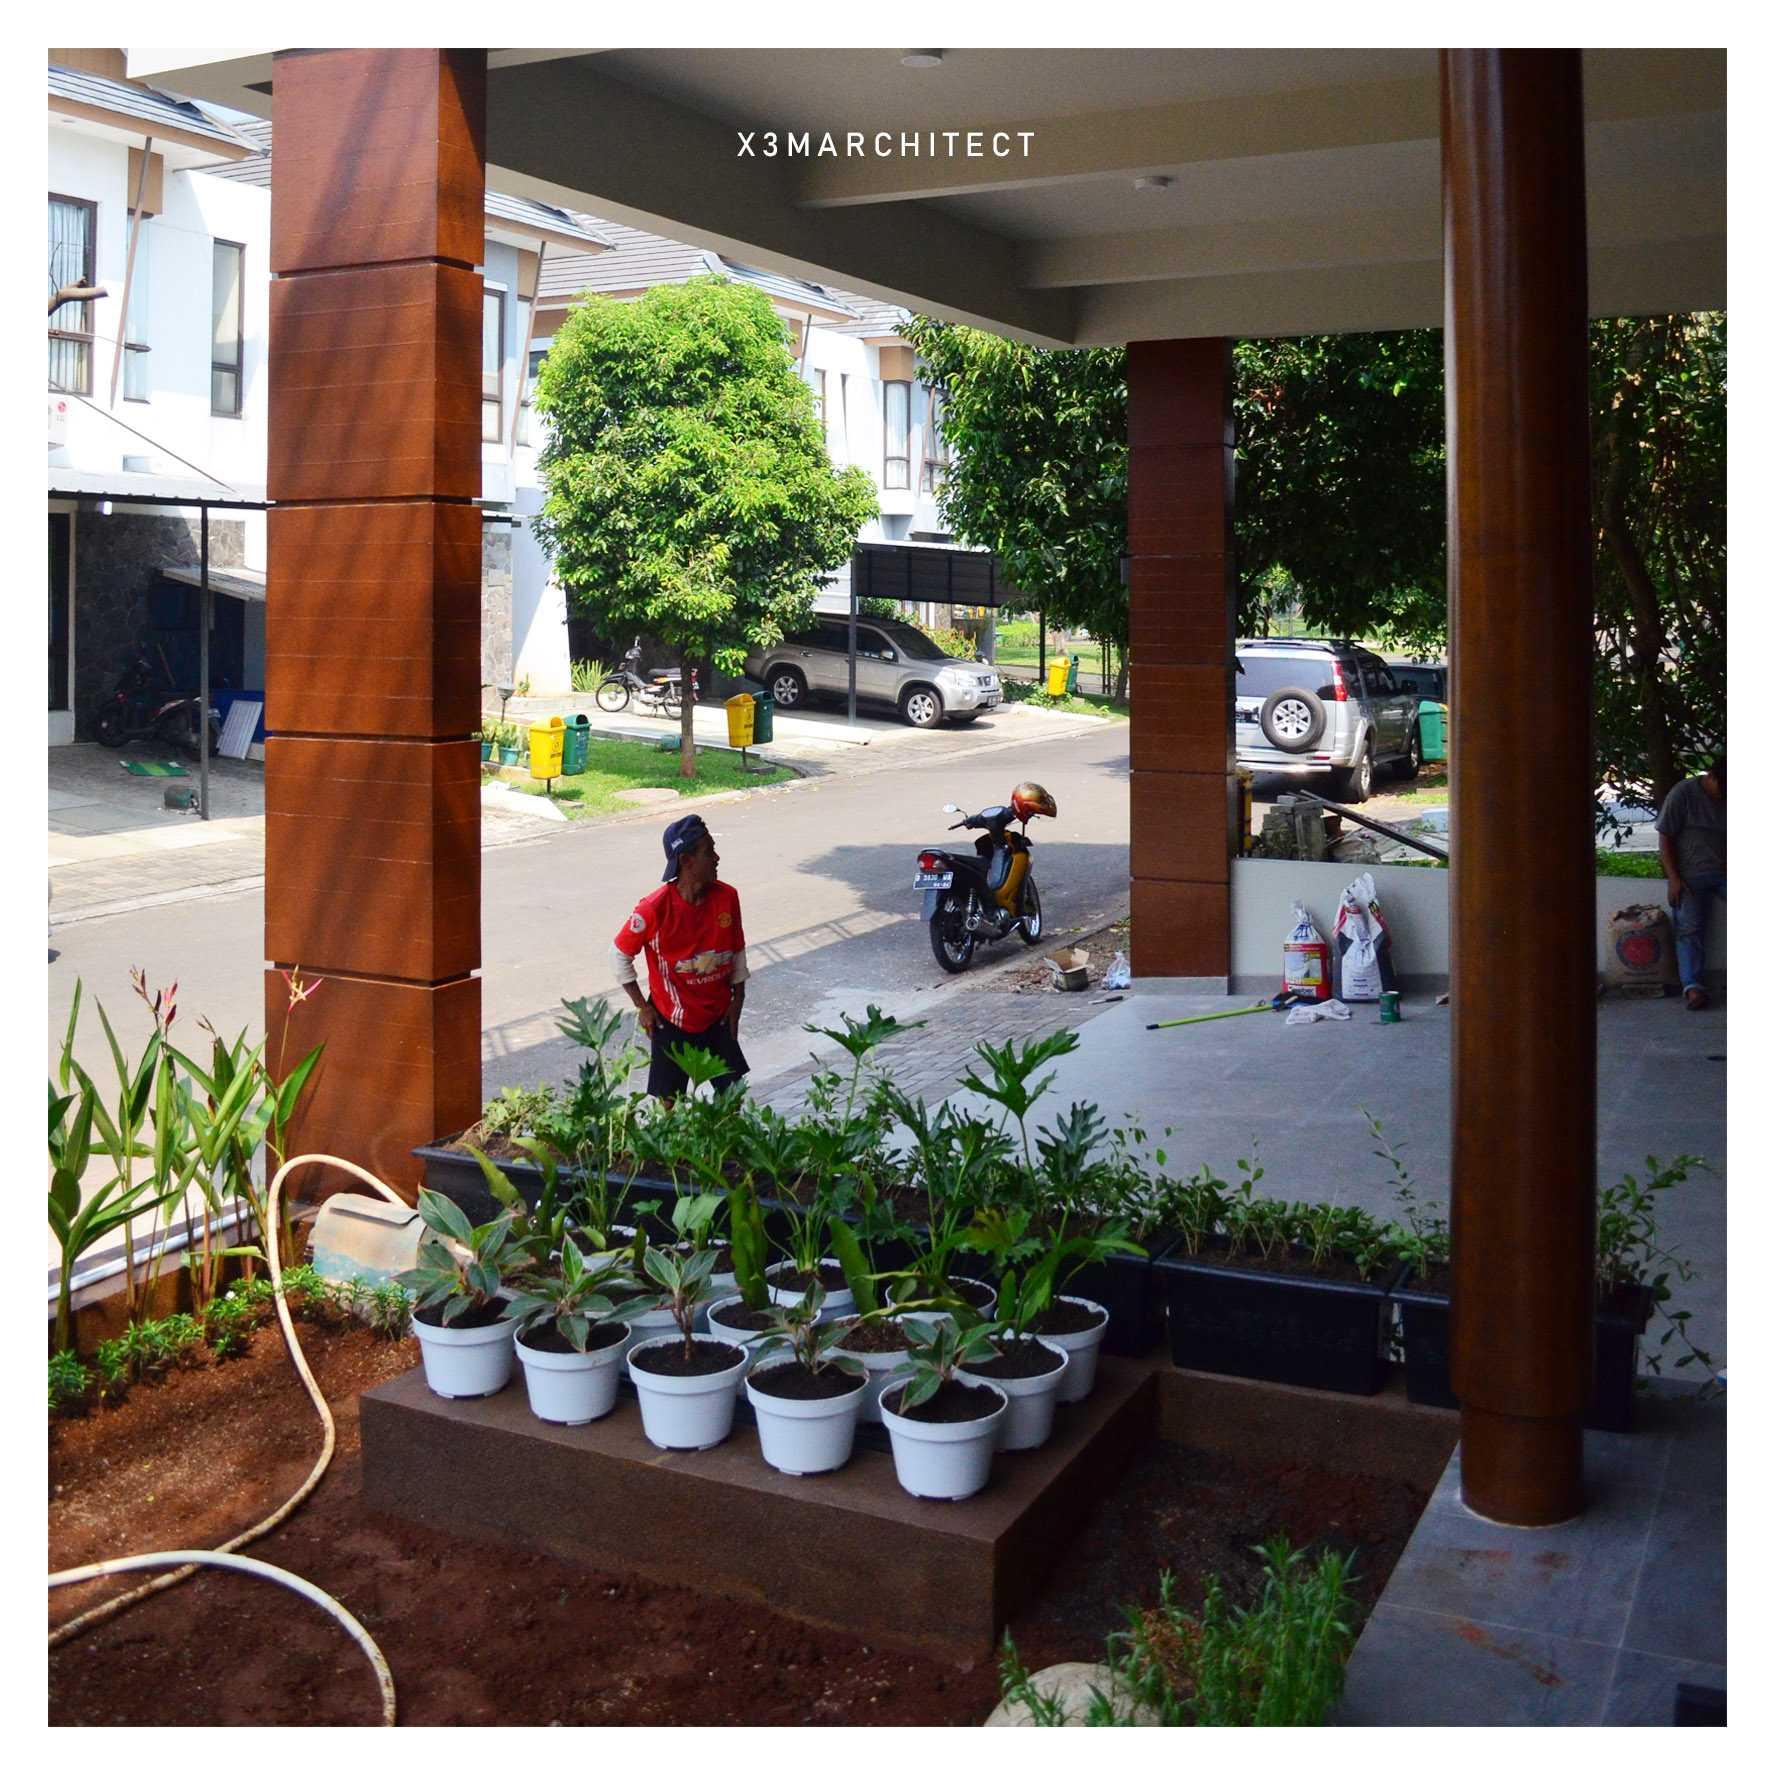 X3M Architects Nittaya A5 1 House Sampora, Kec. Cisauk, Tangerang, Banten 15345, Indonesia Sampora, Kec. Cisauk, Tangerang, Banten 15345, Indonesia X3M-Architects-Nittaya-A5-1   76005